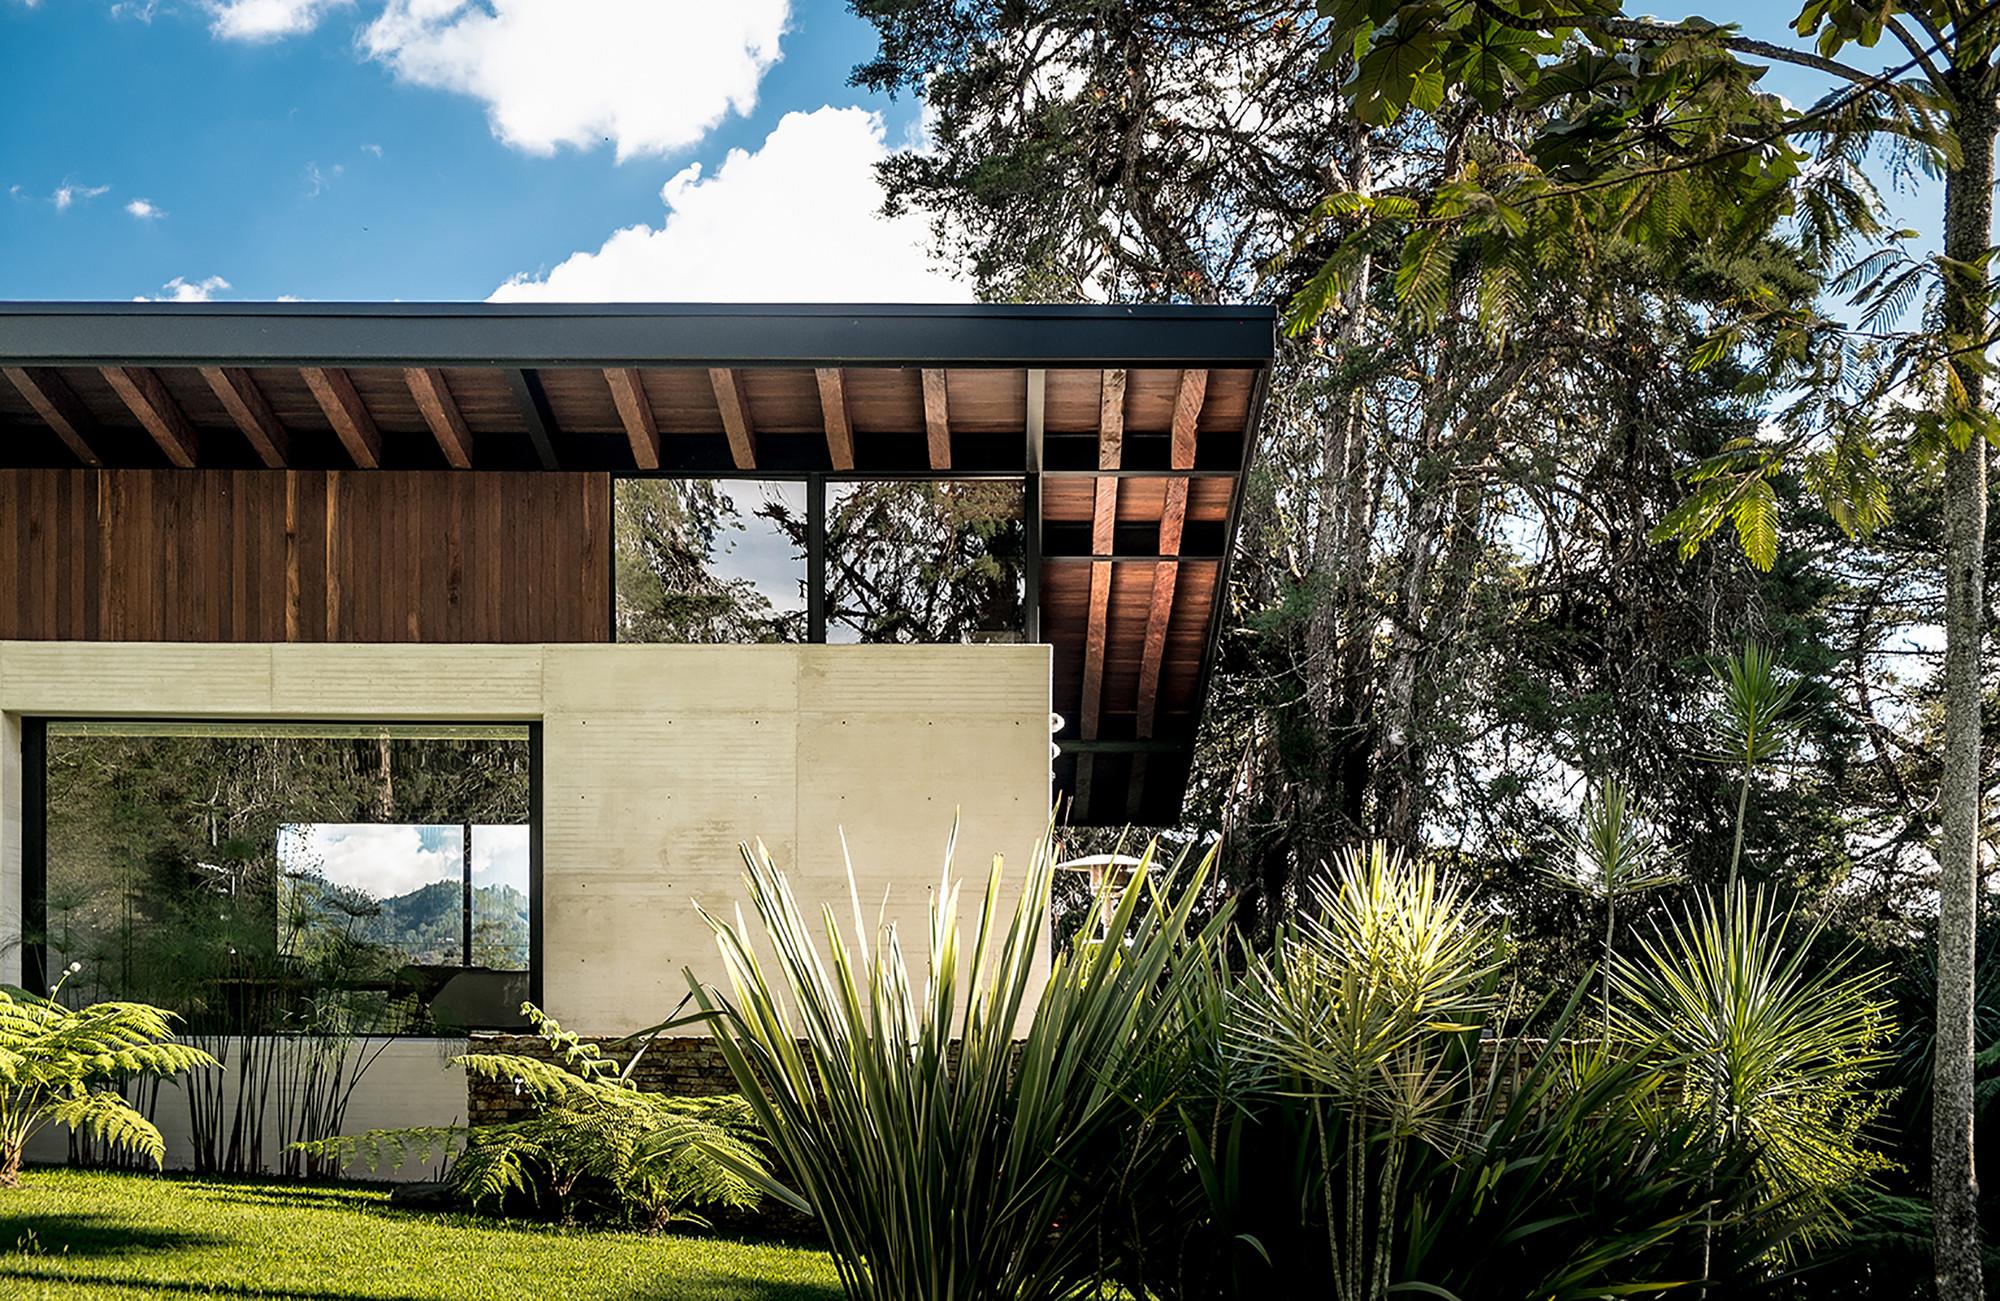 casas campestres arquitectura